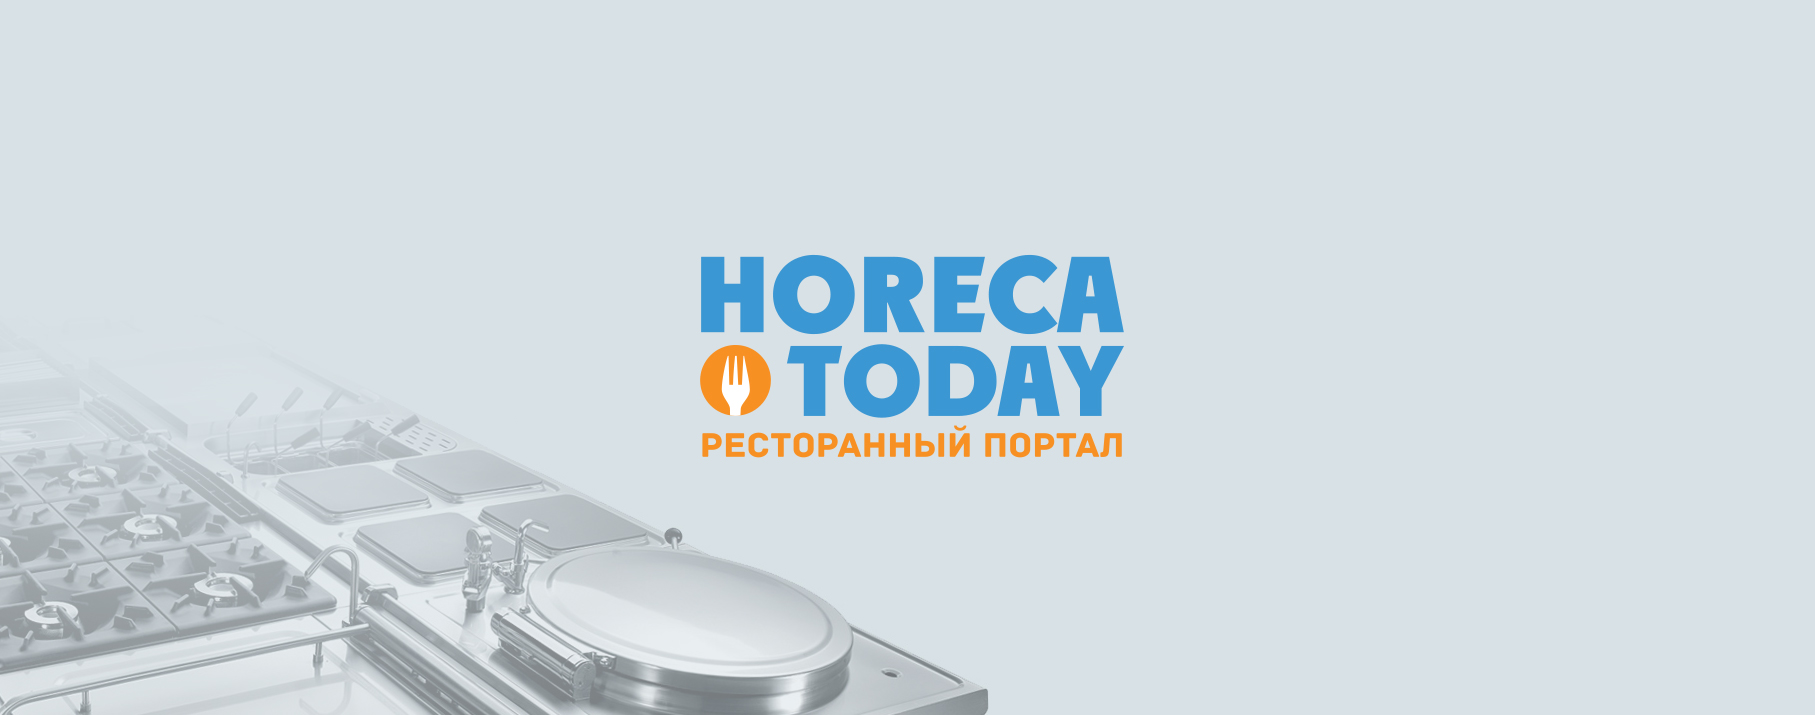 HORECA.TODAY